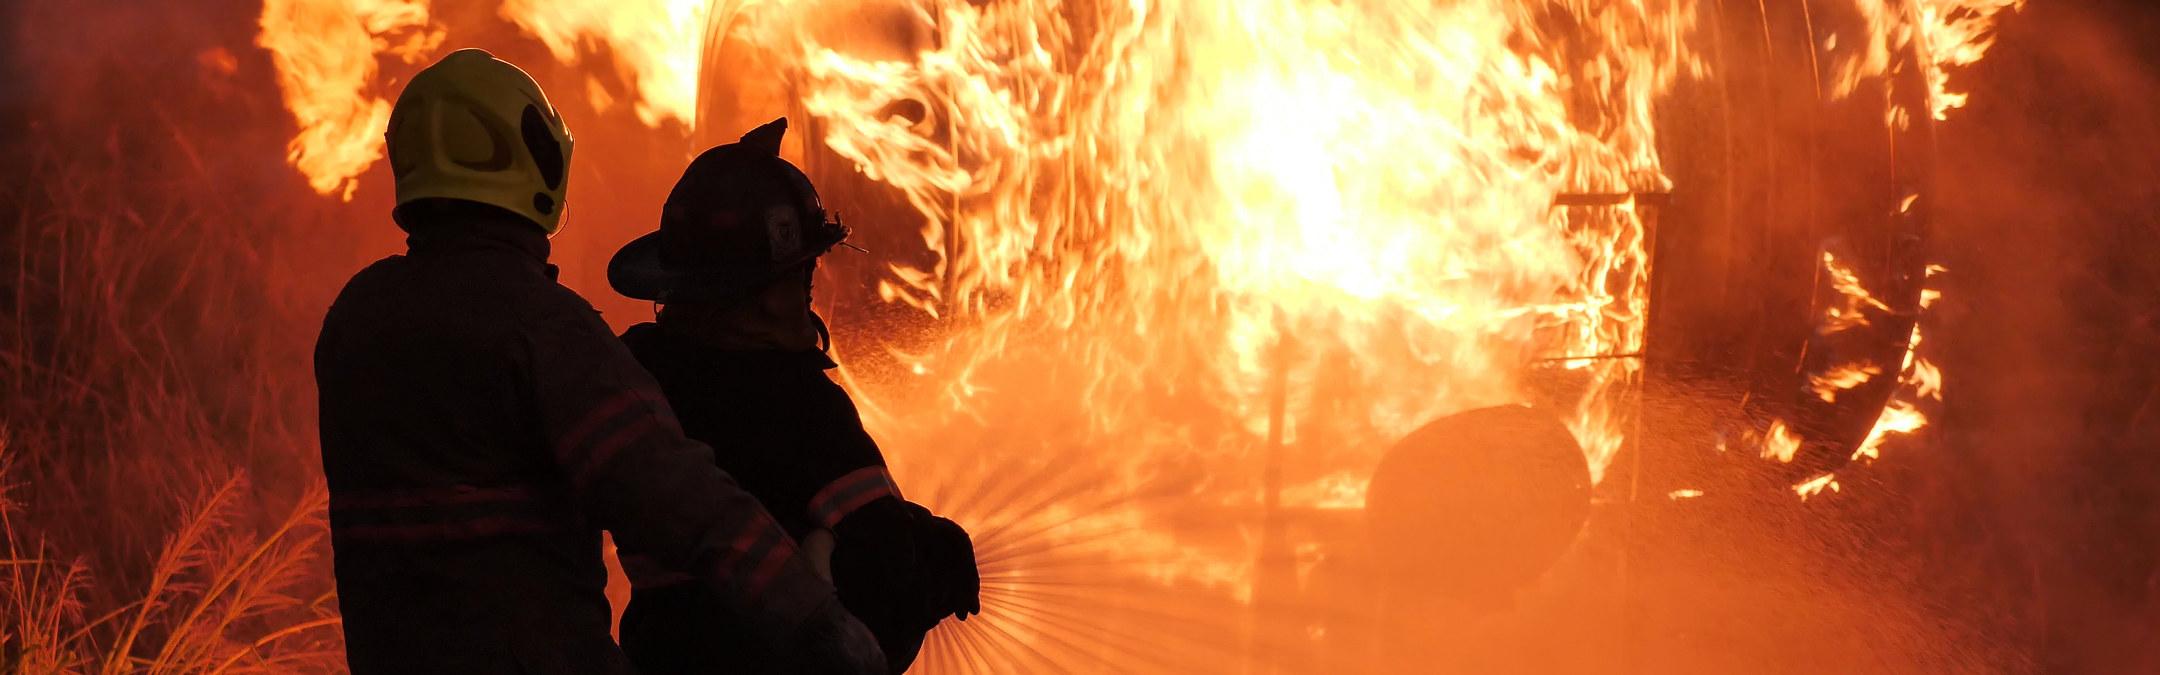 To brannmenn forsøker å slukke en brann